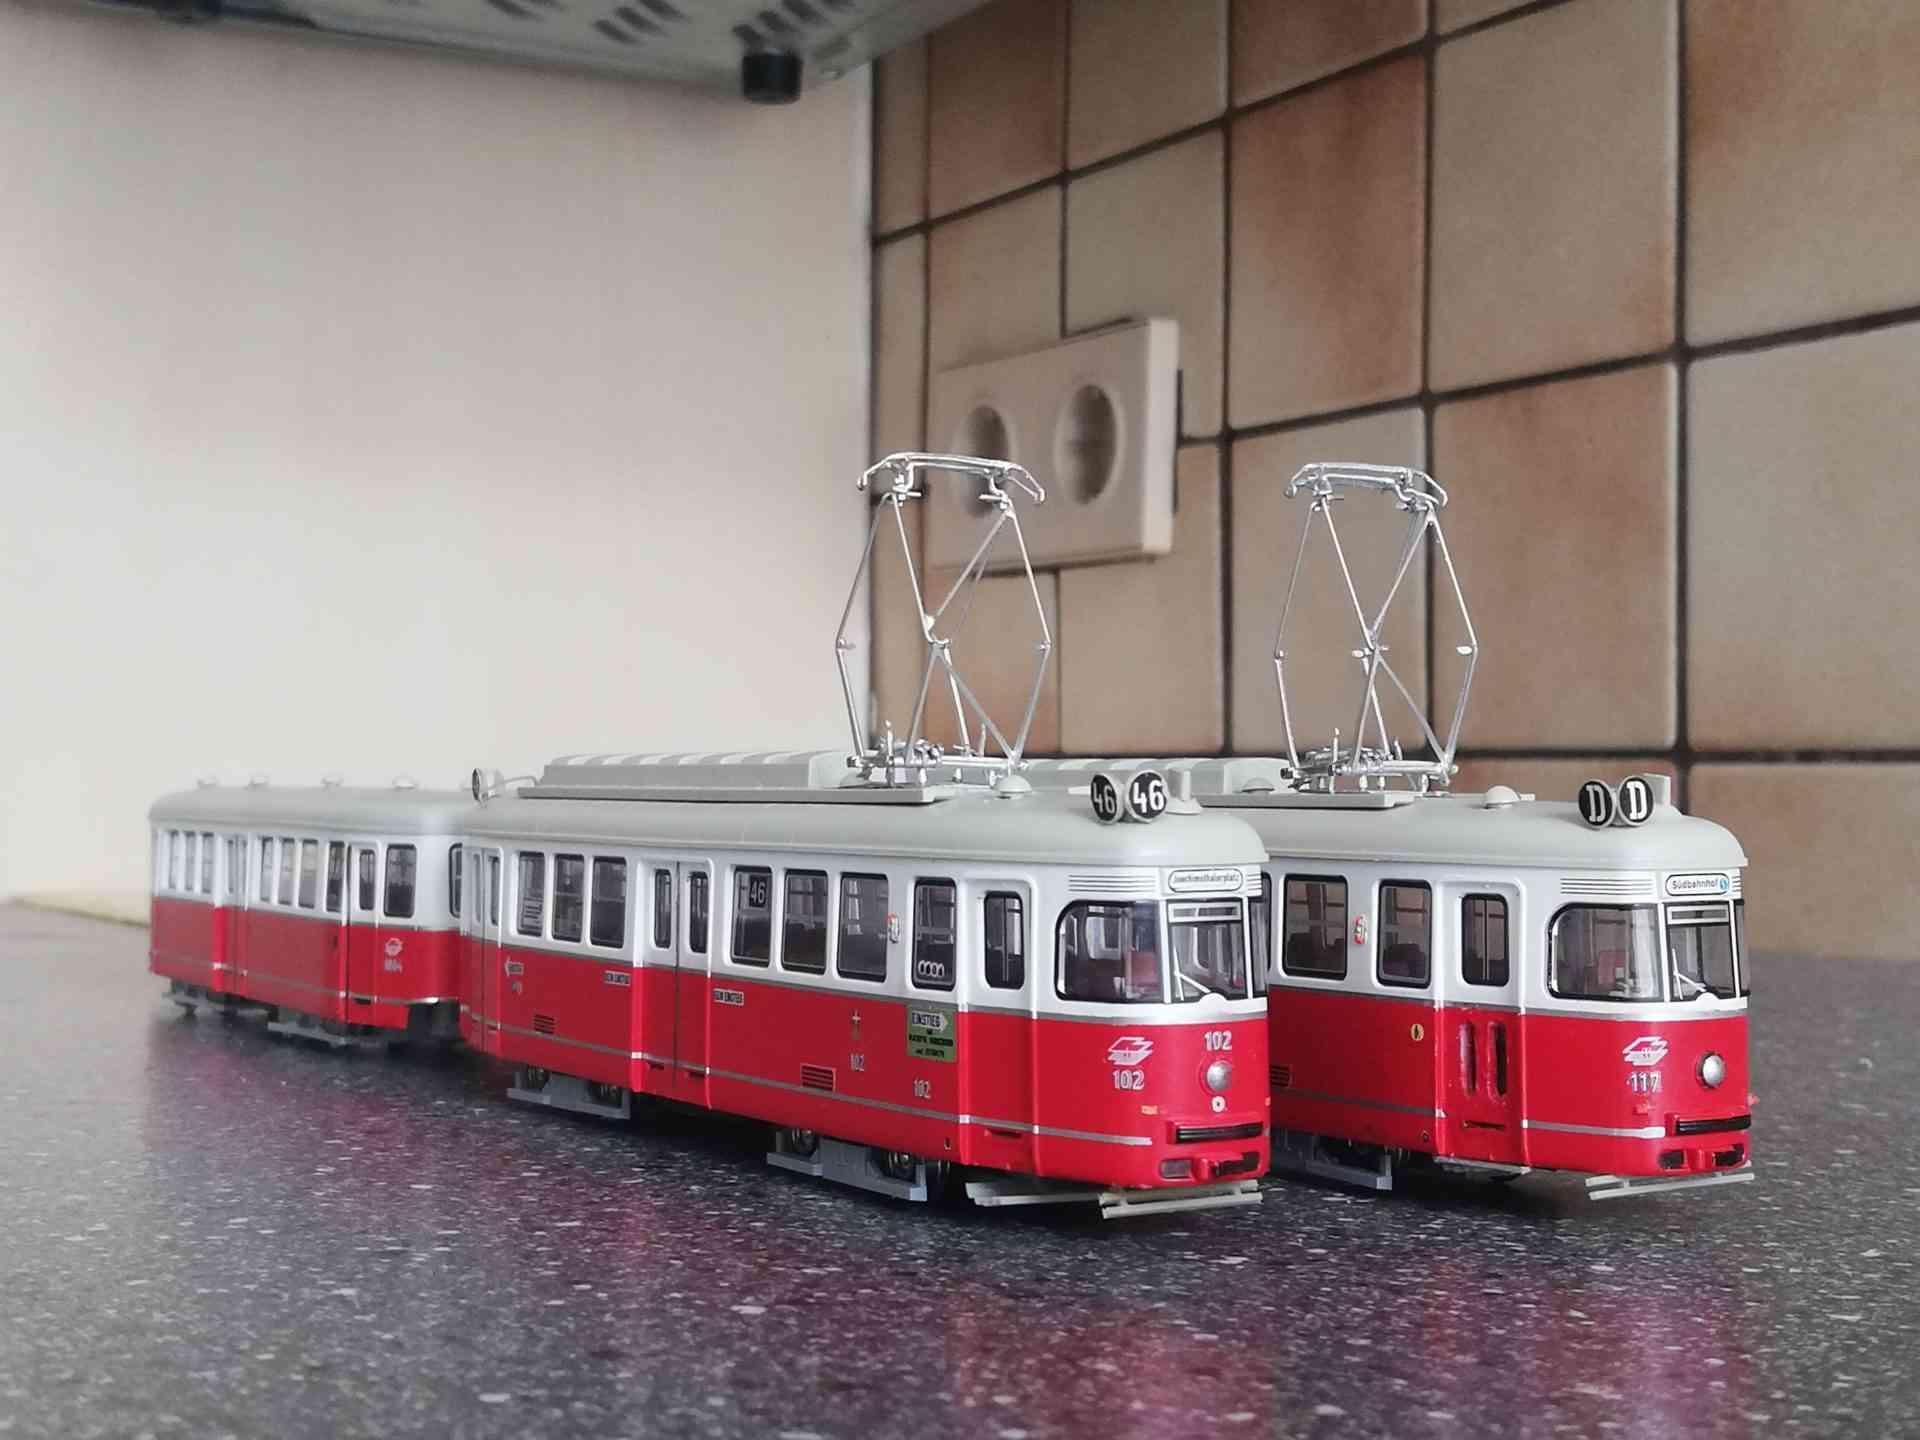 C1+c1 Straßenbahn Modelle verfeinert mit diversen Zurüstteilen der Firma Ferro Train - Halling und Sedlacek